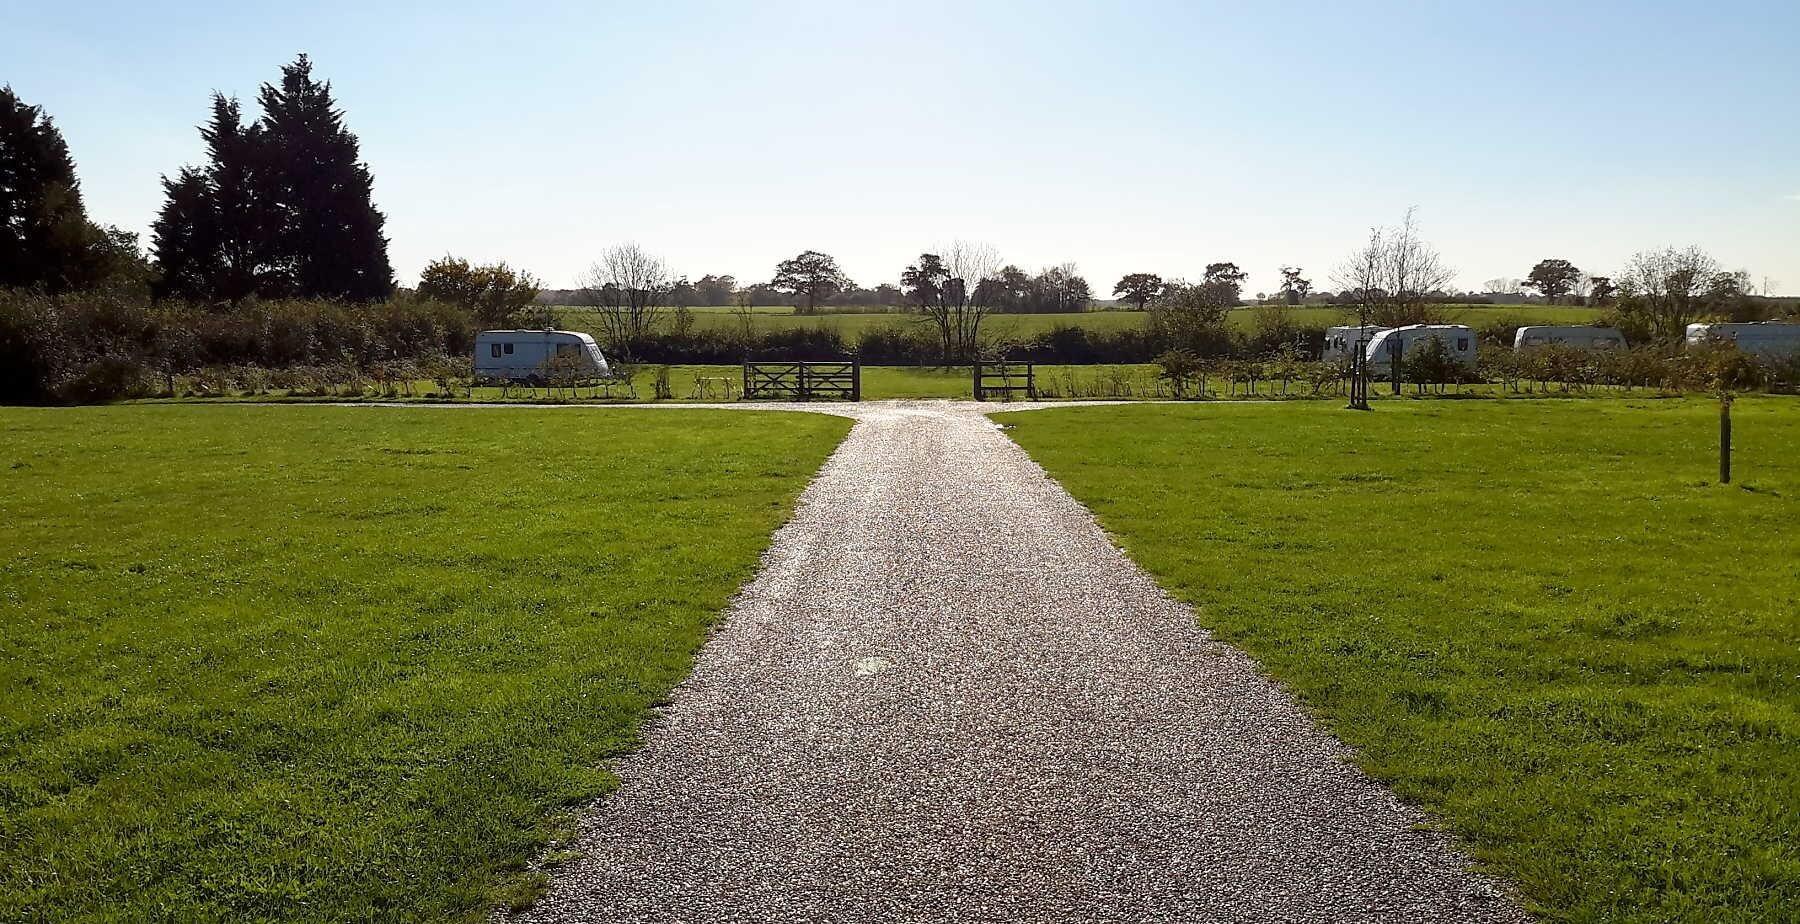 Haw Wood Farm Caravan & Camping Park